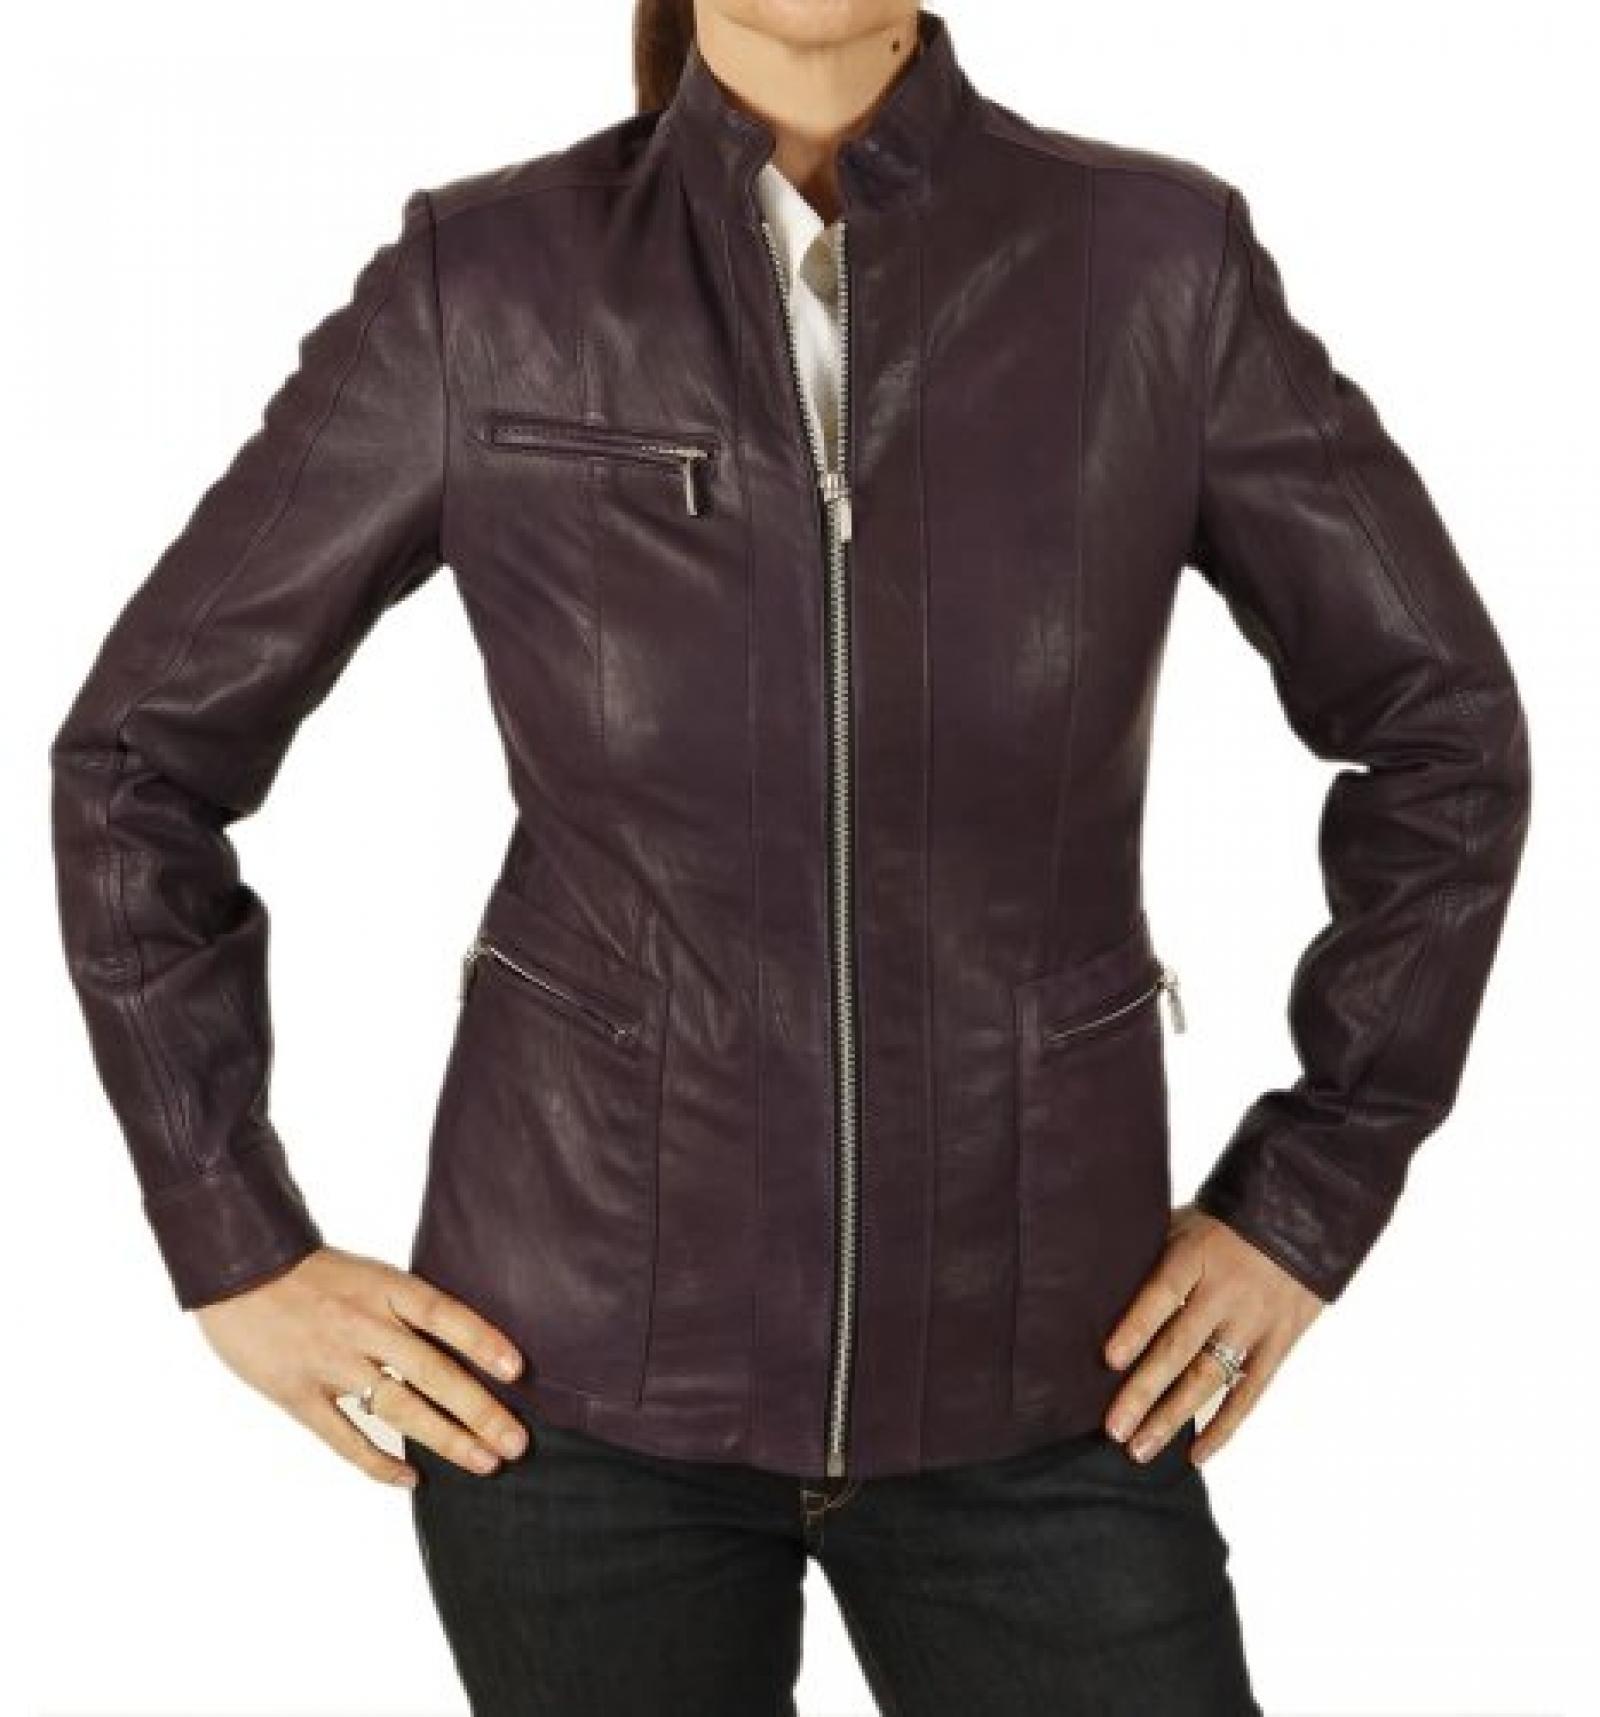 Auberginefarbene Lederjacke mit Reißverschluss und Knitter-Verarbeitung für die Frau